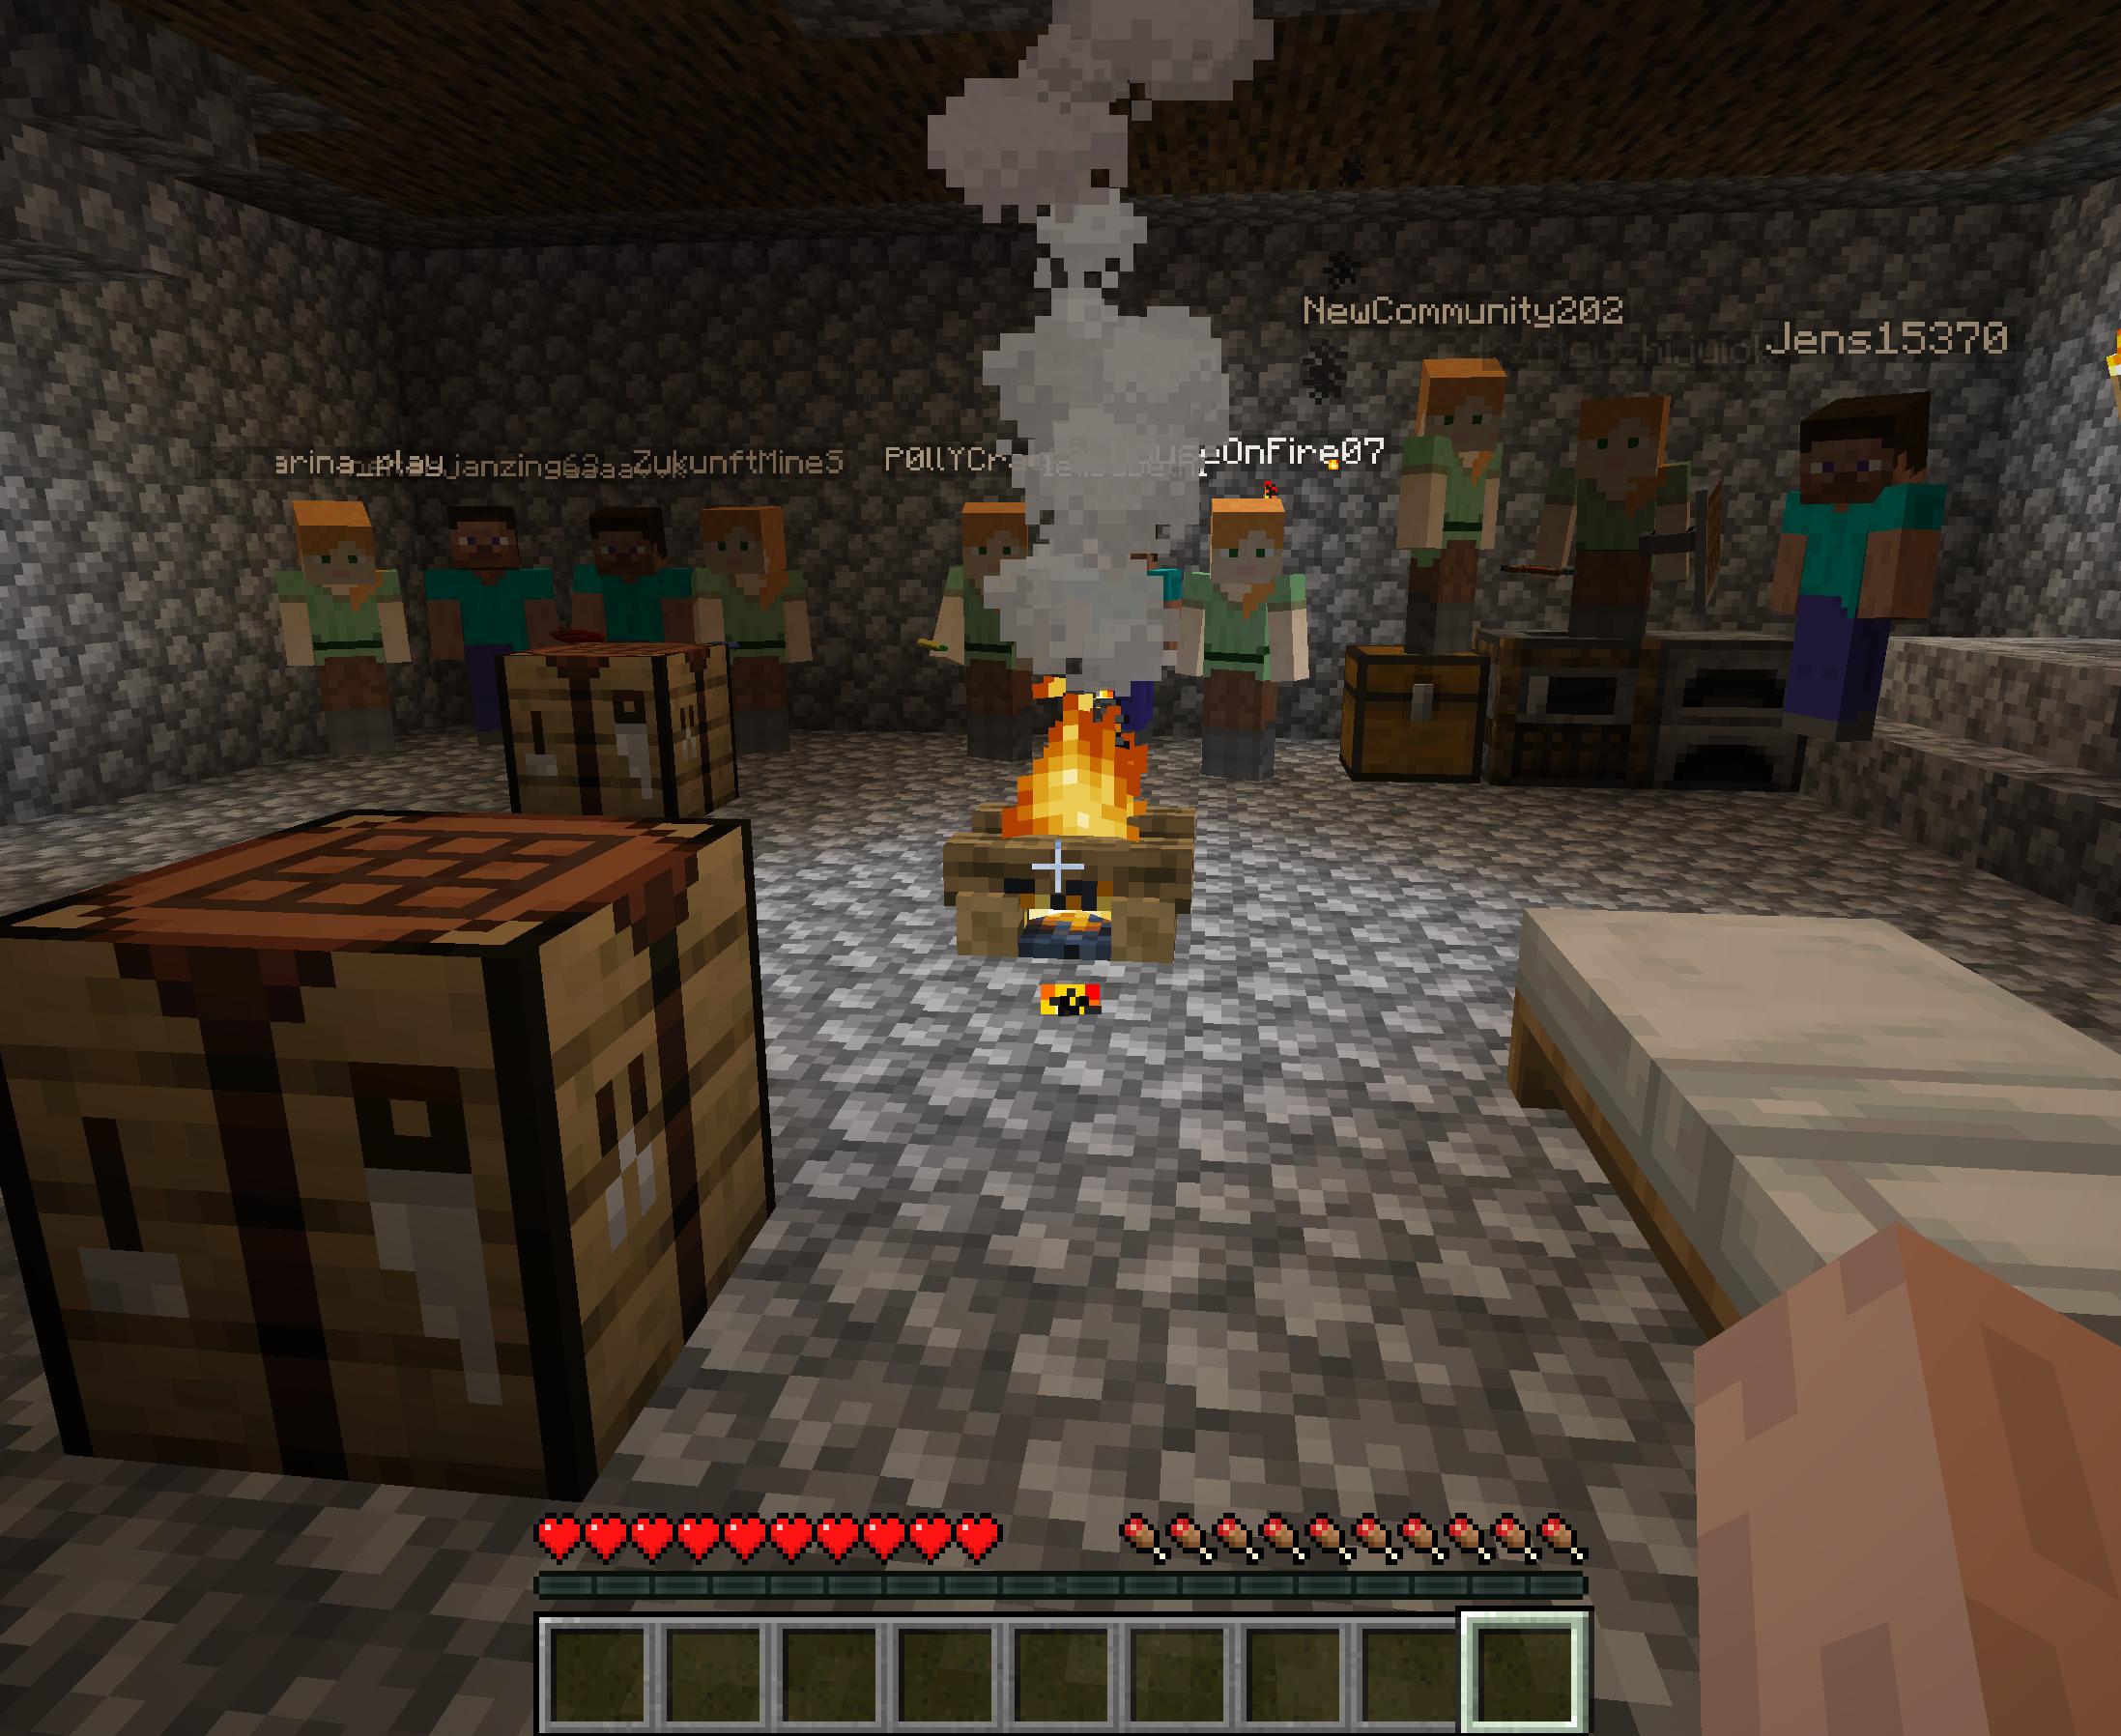 Screenshot eines Minecraft-Settings: In der Mitte eines halbdunklen Raums mit Kopfsteinpflaster und herumstehenden Holzquadern befindet sich eine Feuerstelle. Dahinter sind ca. 15 Avatare des Schaubude-Teams an der Wand aufgereiht. Über ihren Köpfen stehen die Spielnamen der Mitarbeiter*innen.